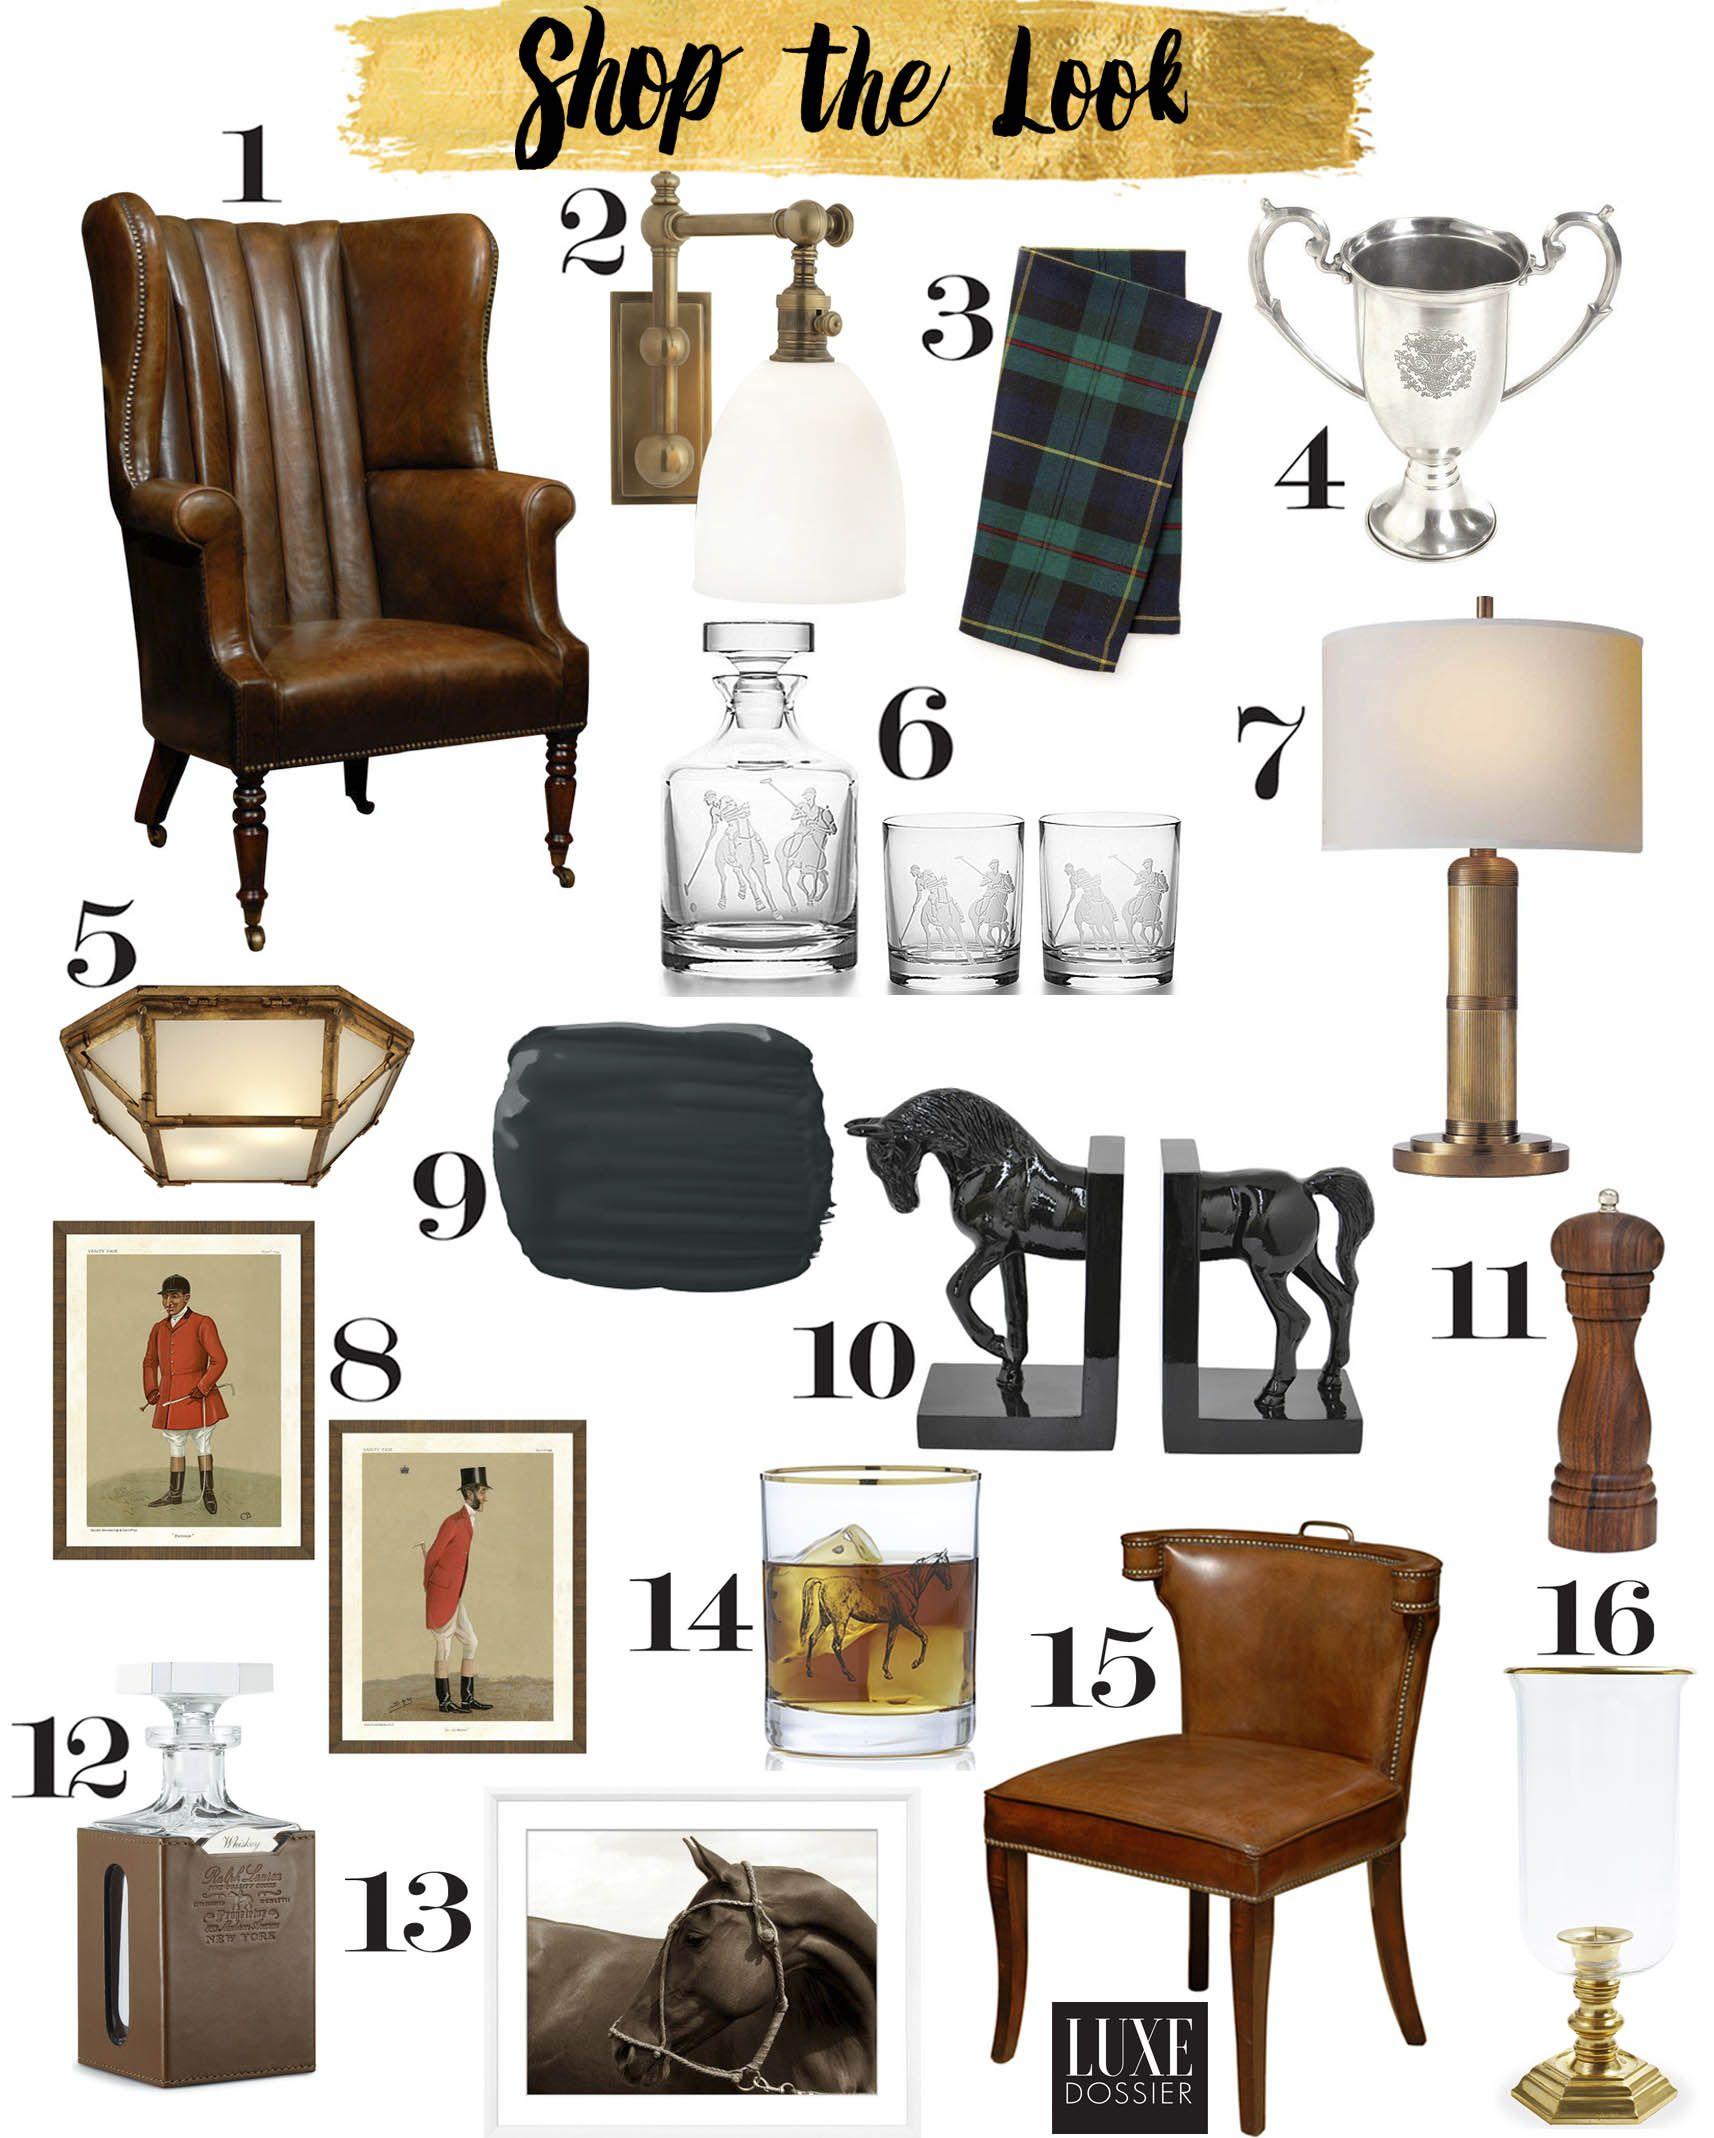 Ralph Lauren Hamptons Room: Shop The Look- Pieces Inspired By Ralph Lauren's The Polo